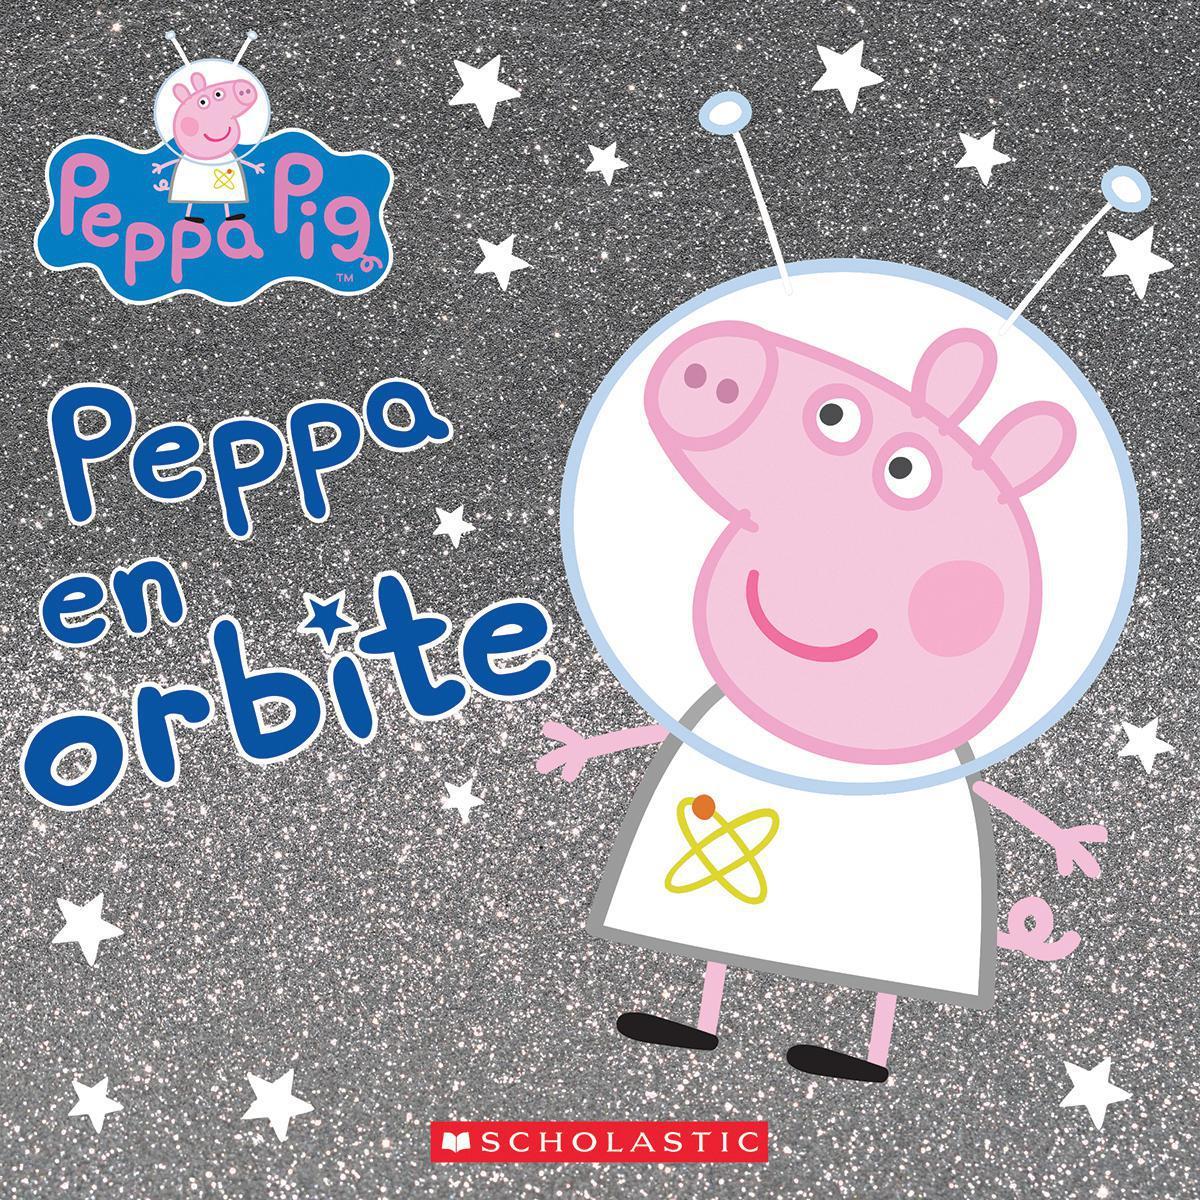 Peppa Pig : Peppa en orbite